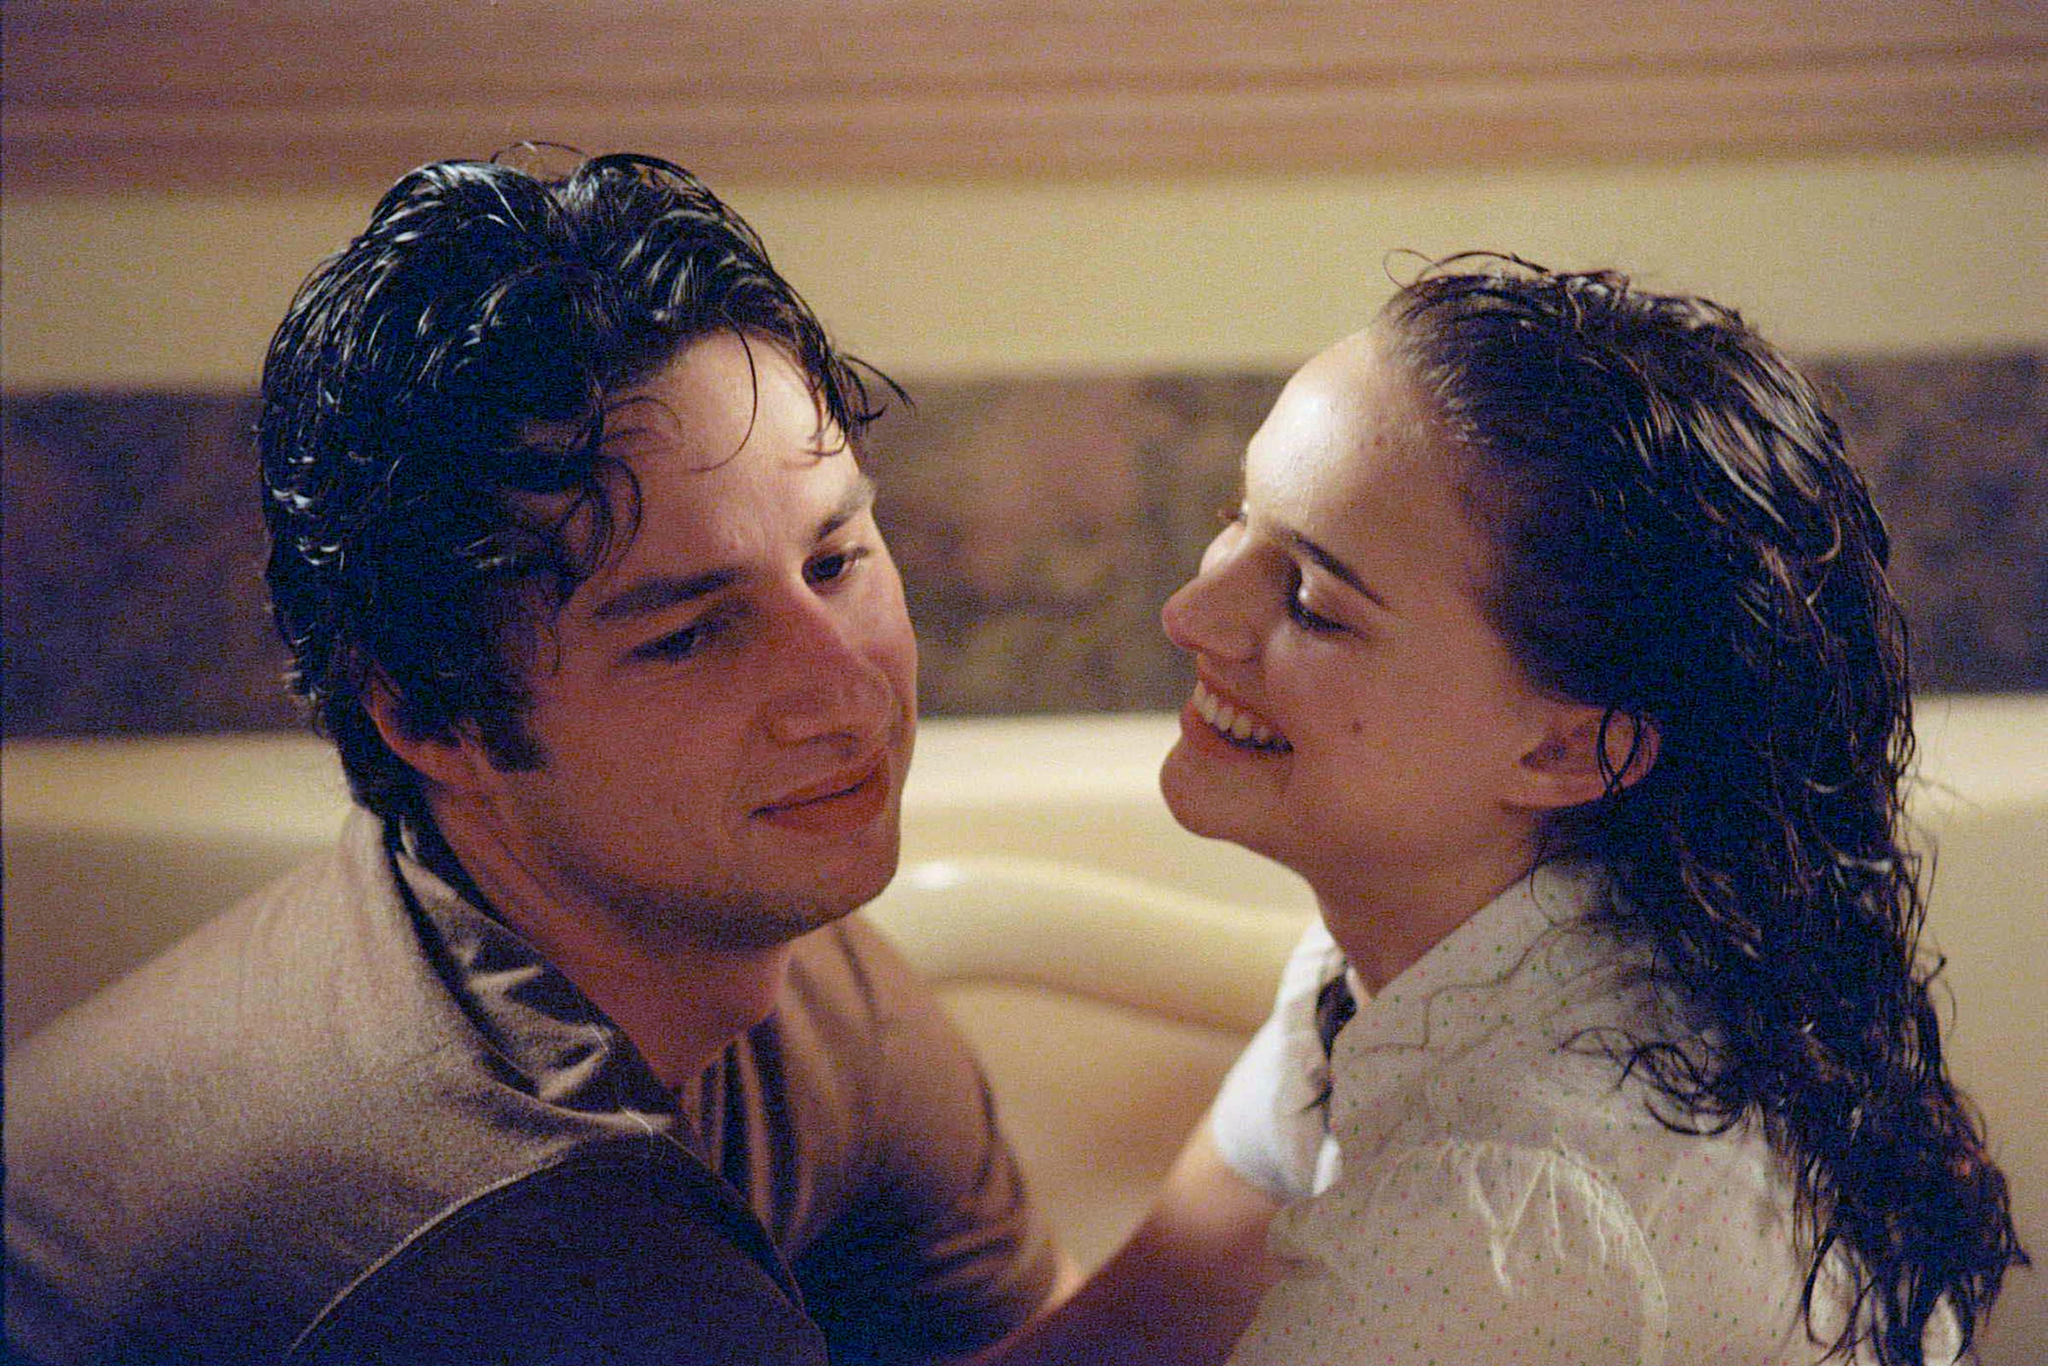 Natalie Portman and Zach Braff in Garden State (2004)